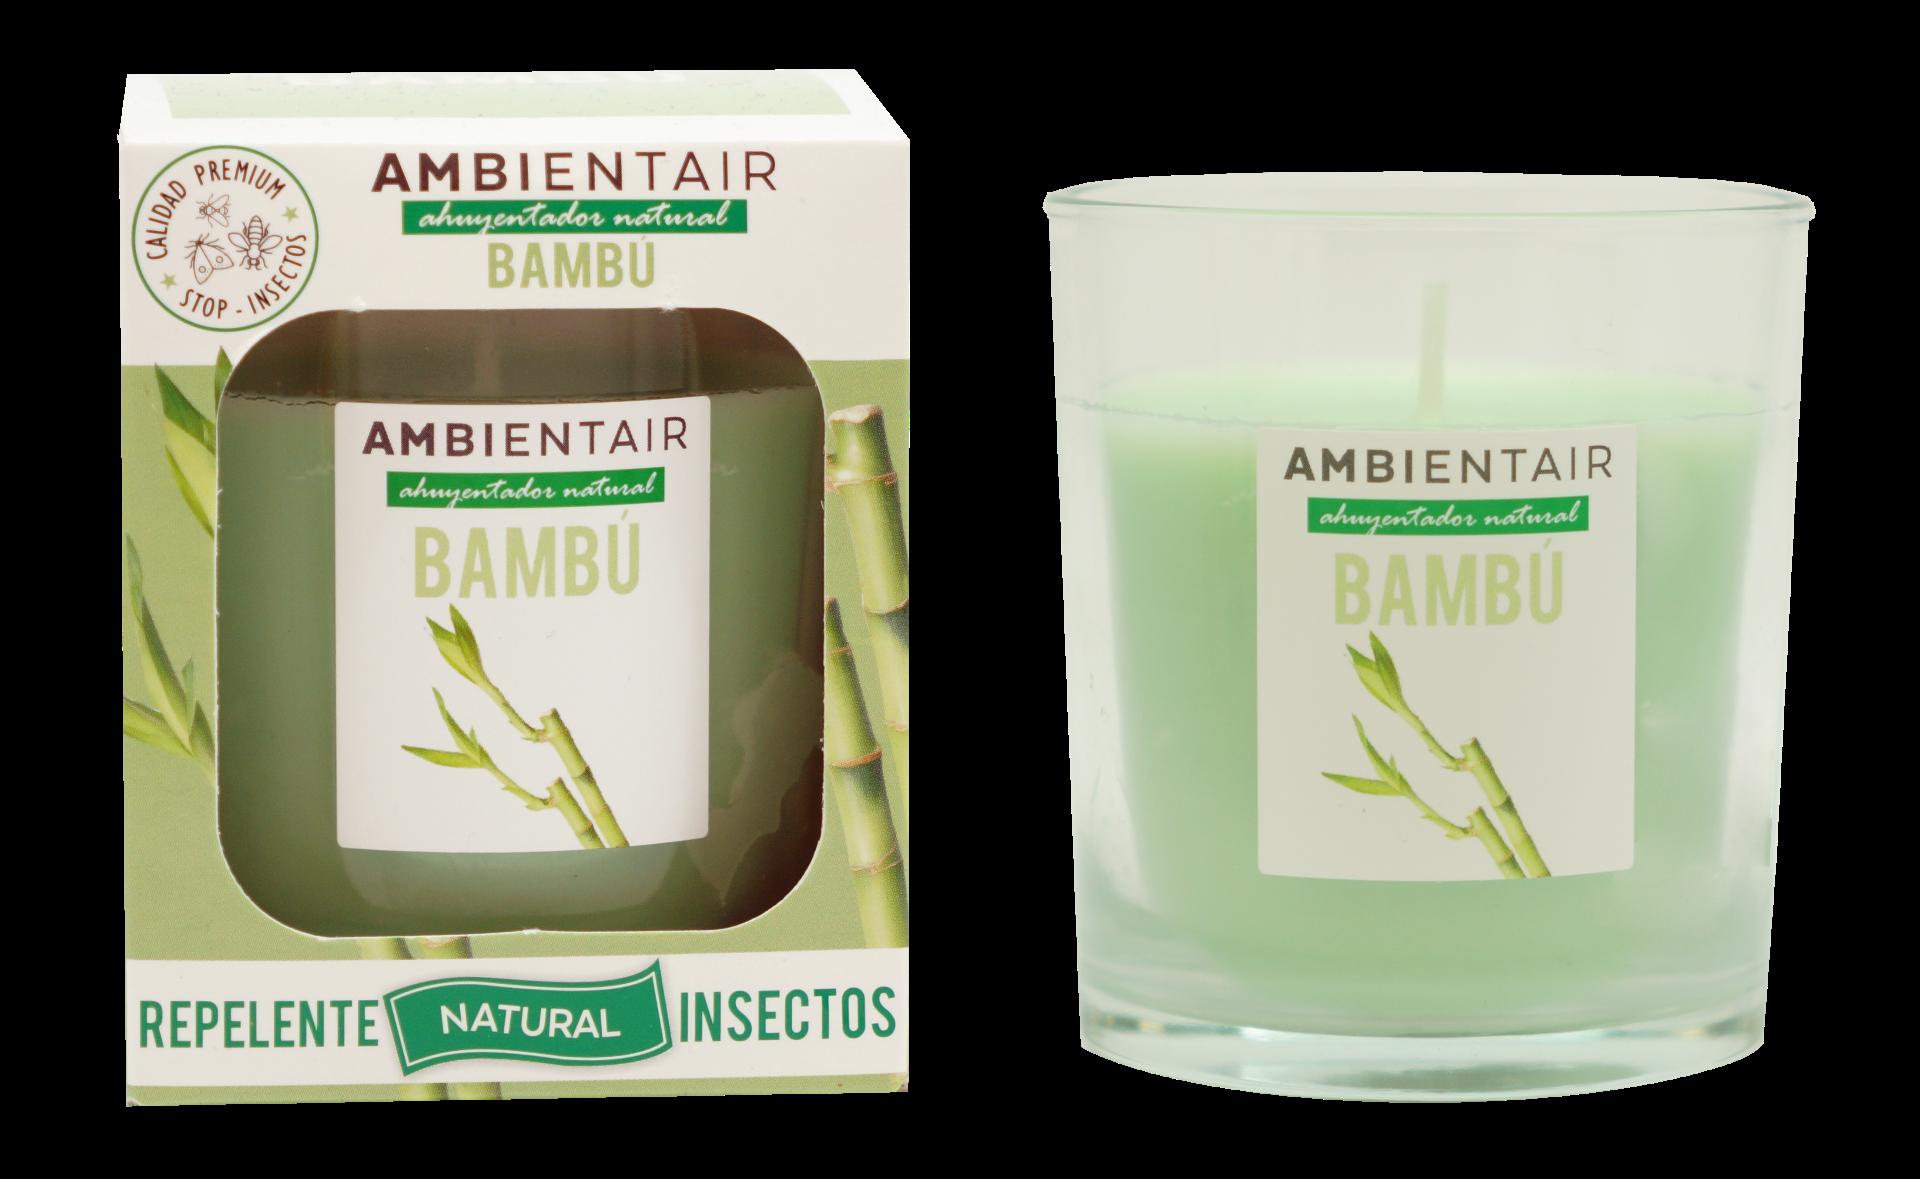 Vela Bambú Ambient Air® Repelente de insectos